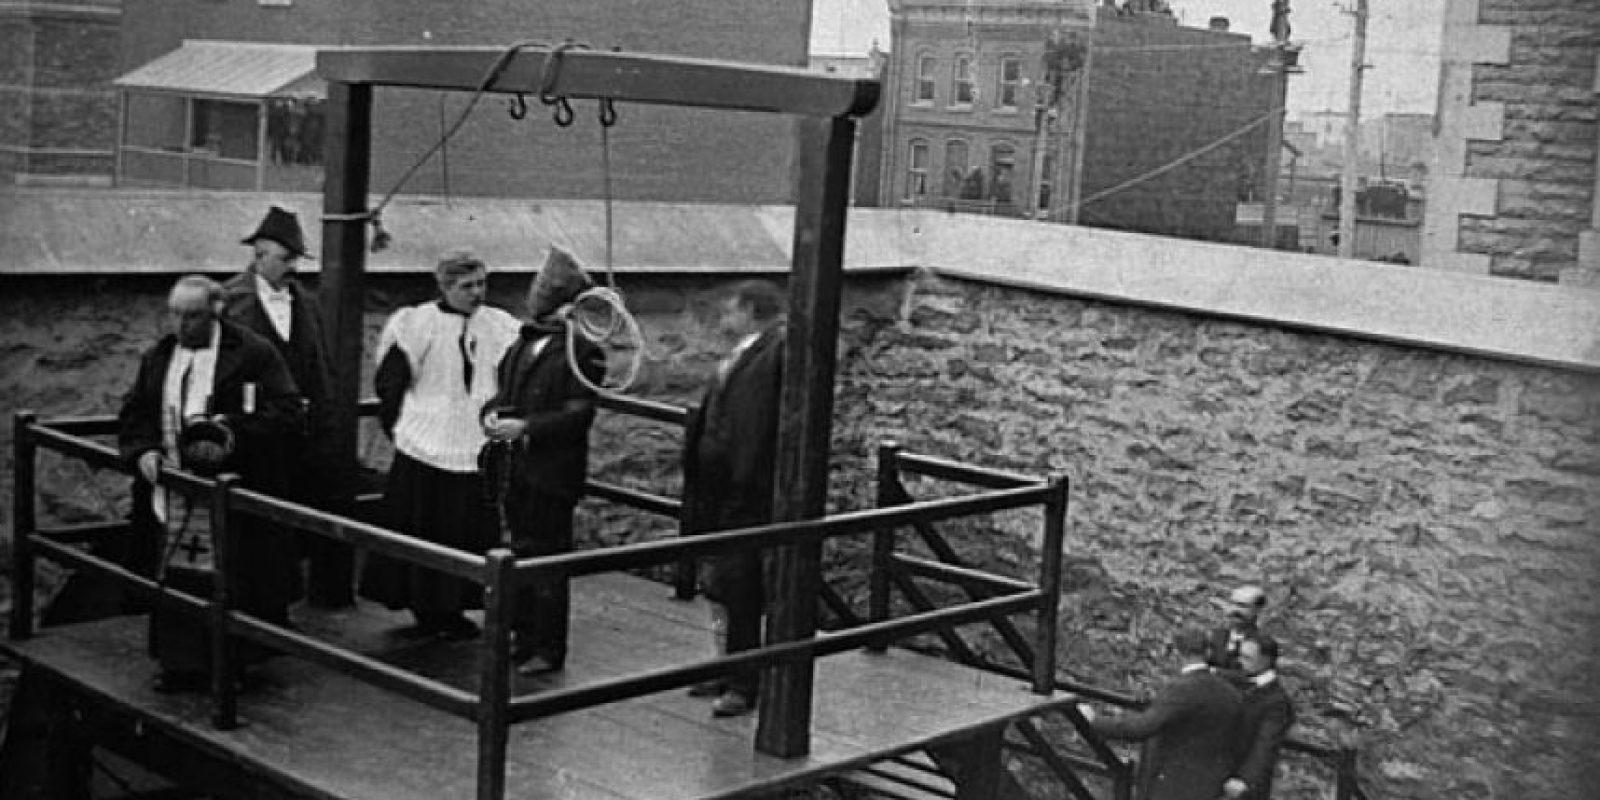 11 de diciembre: Se lleva a cabo la última ejecución en la horca en Canadá Foto:Wikimedia.org